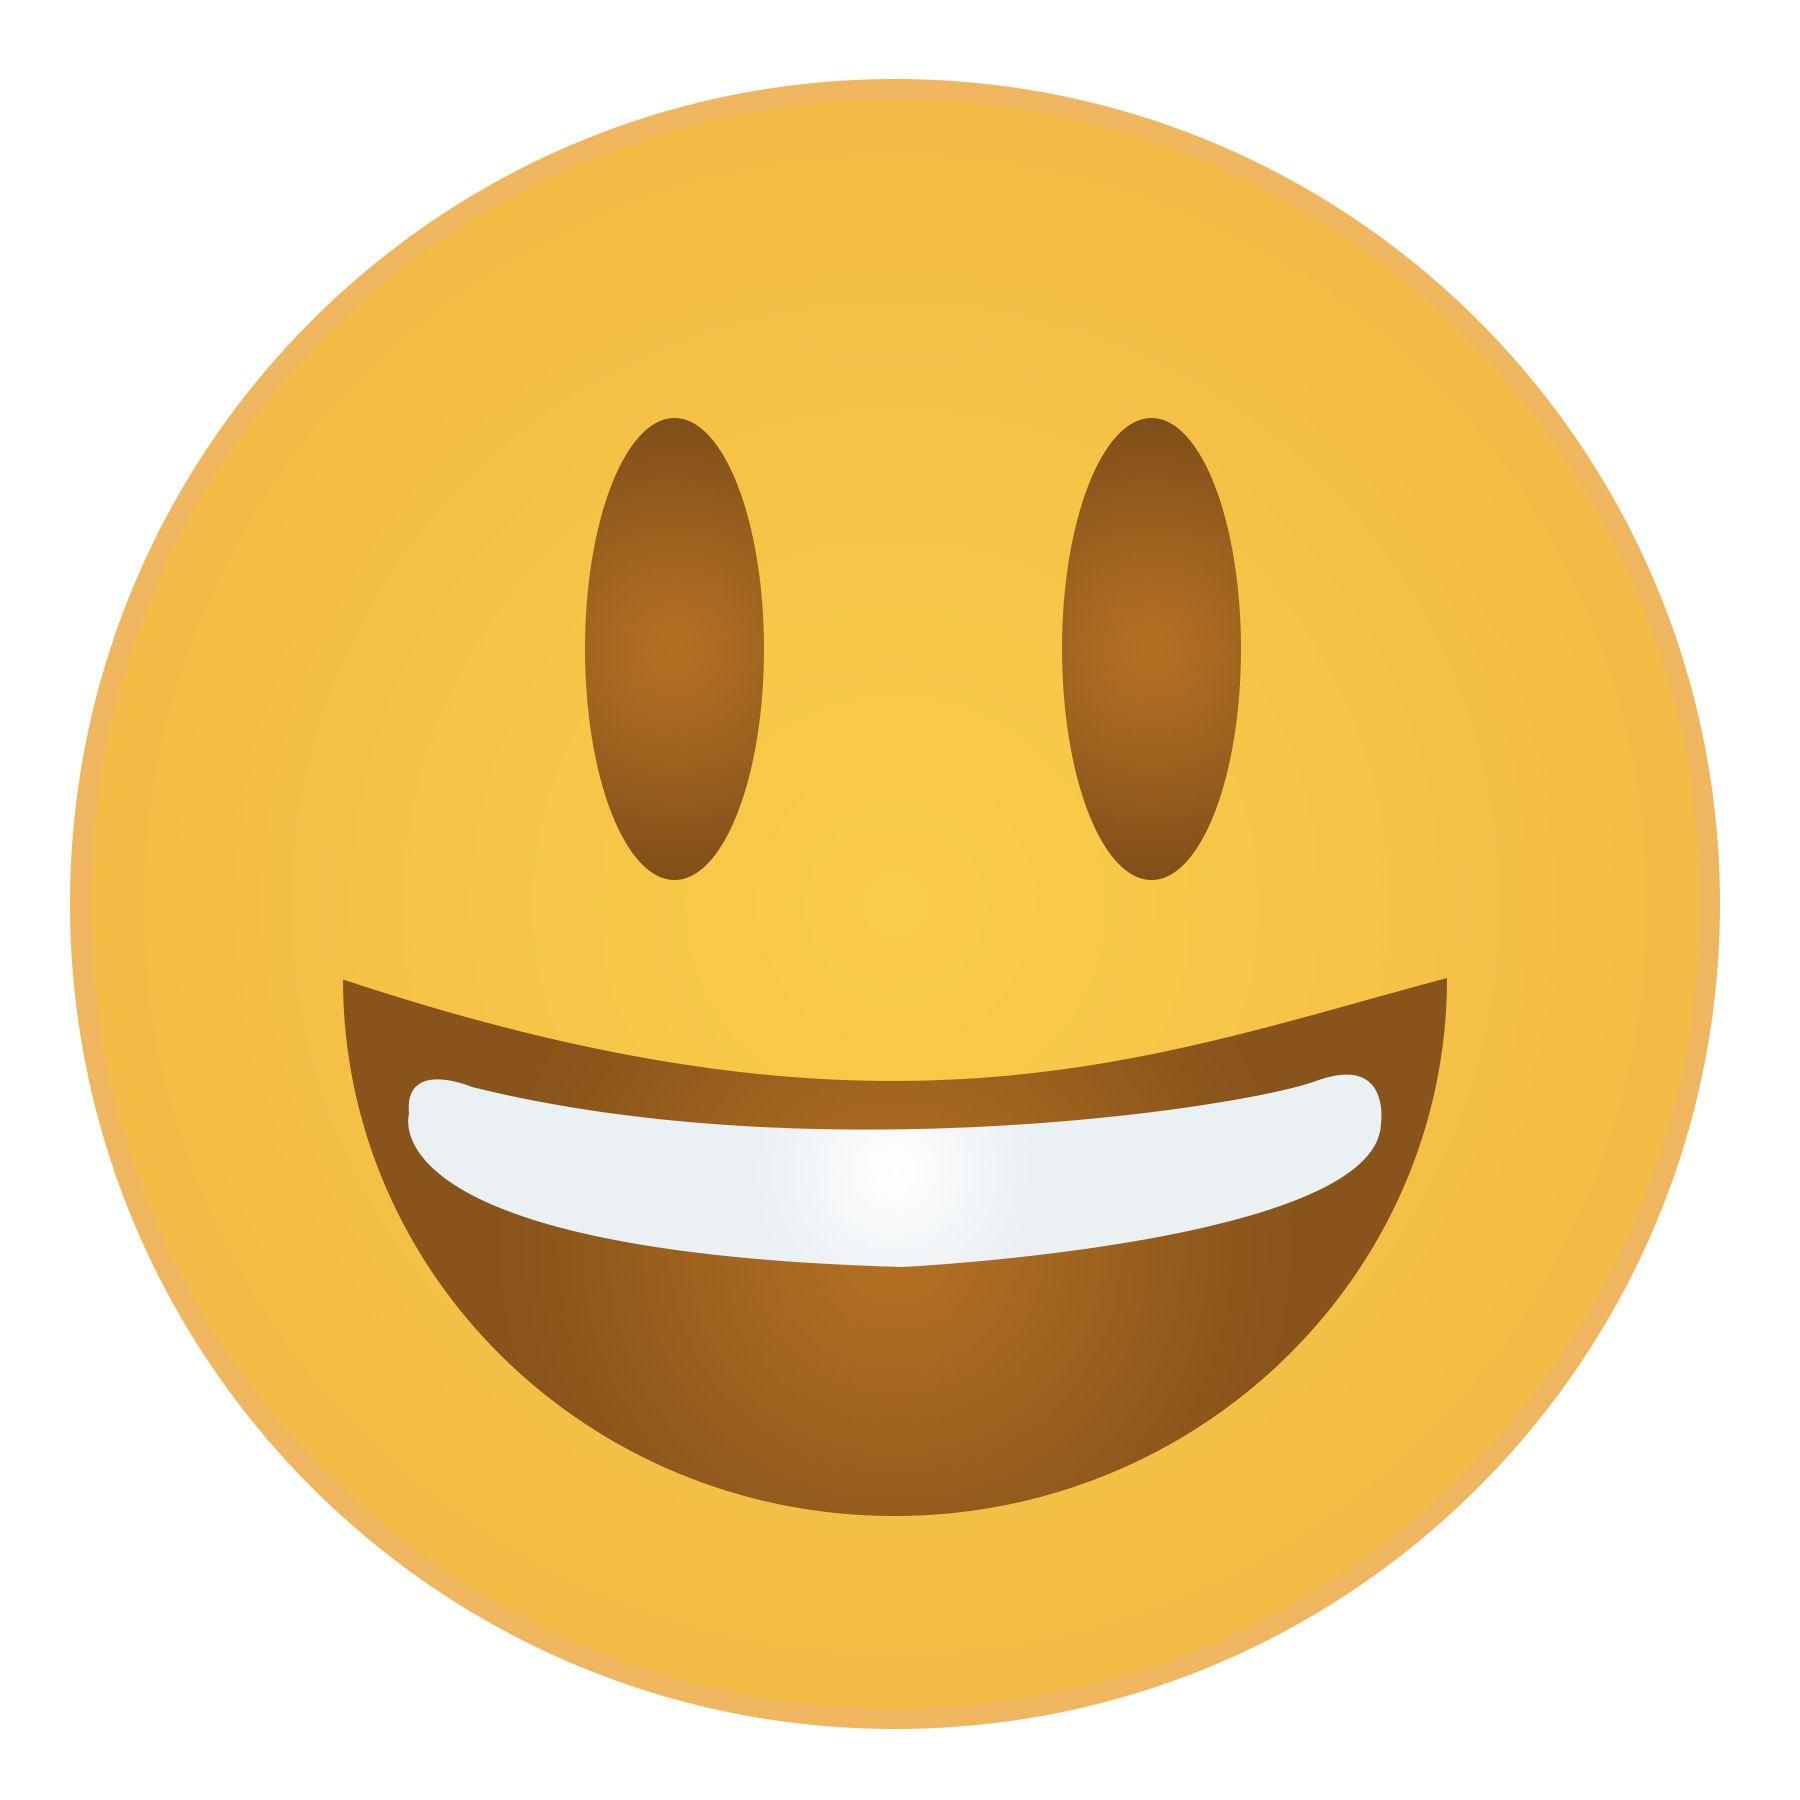 Free Printable Emoji Faces - Printable  | Emoji In 2019 - Free Printable Emoji Faces